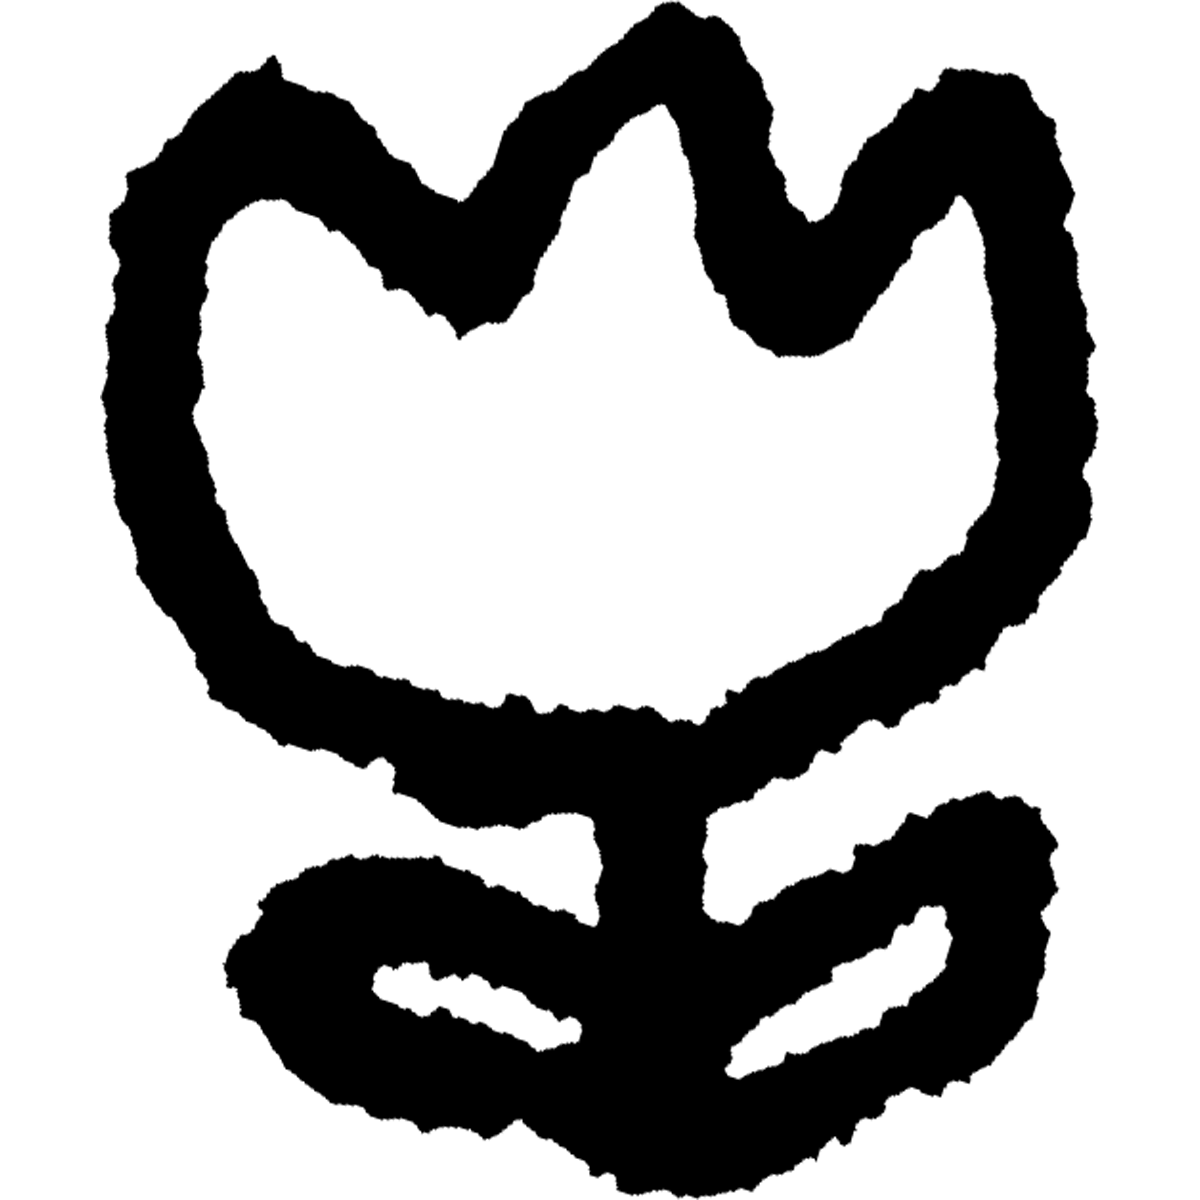 チューリップ_Tulipのイラスト1